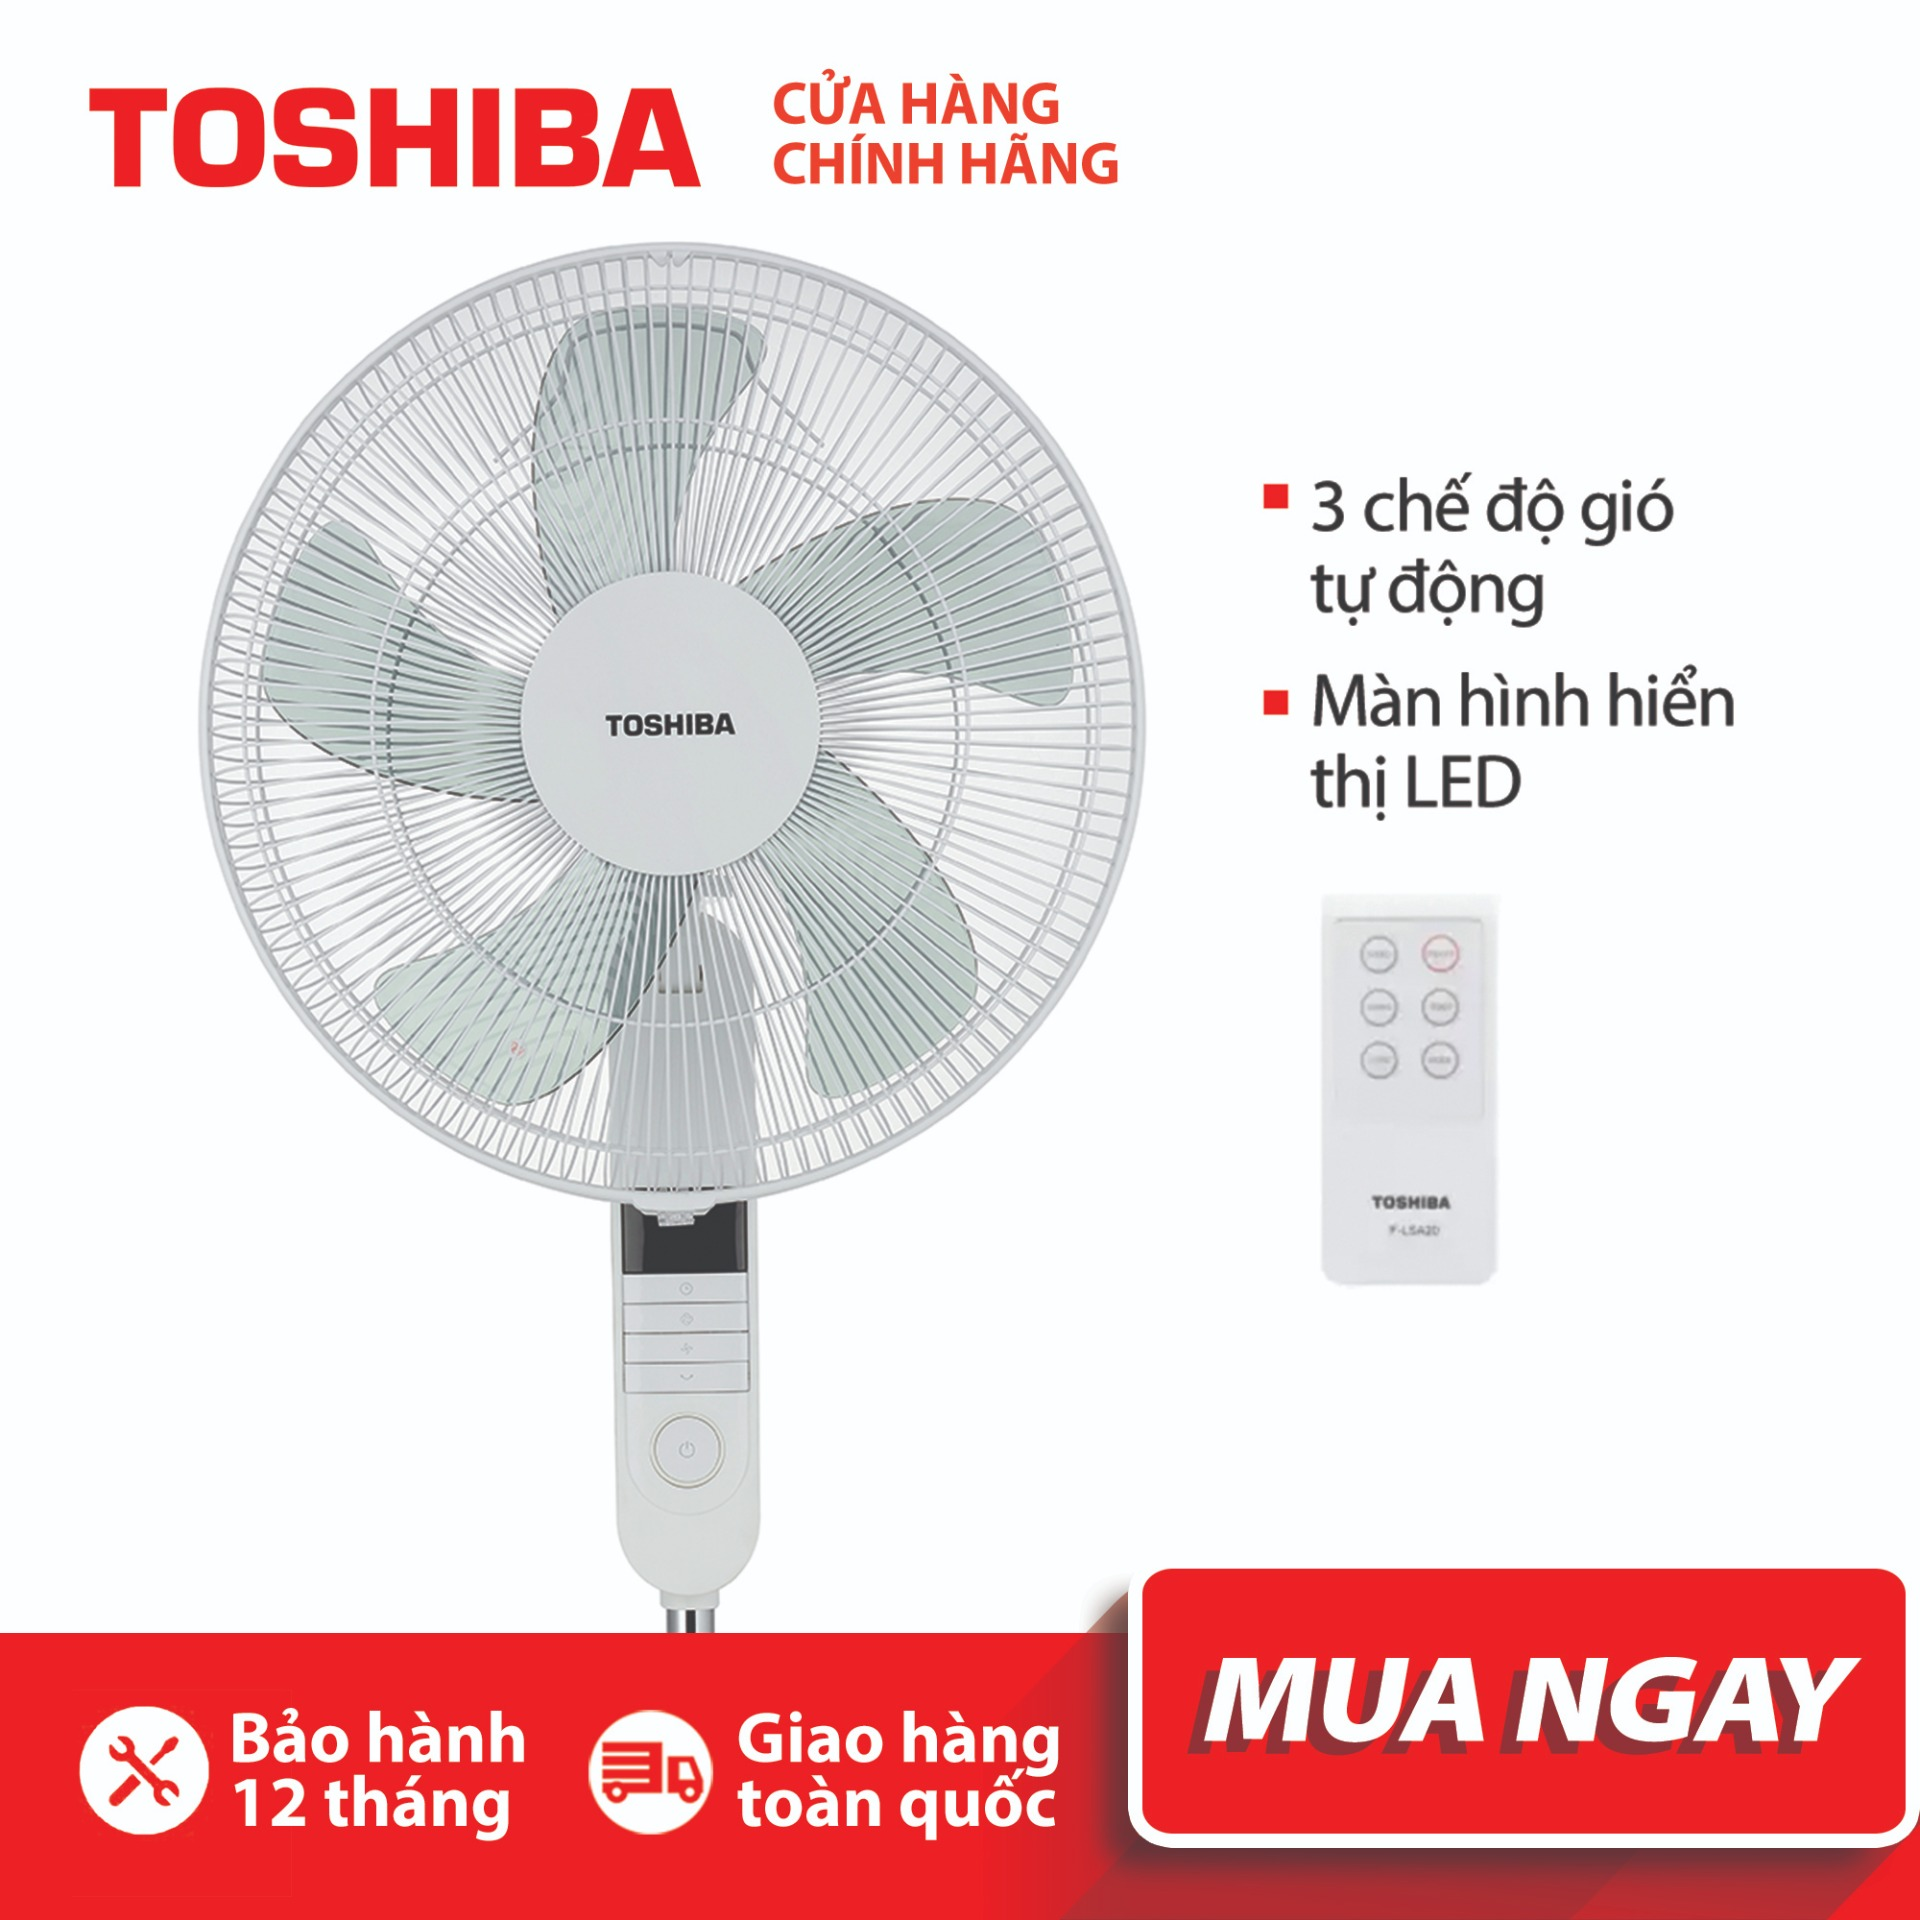 QUẠT ĐỨNG TOSHIBA F-LSA20(W)VN -  Điều khiển từ xa - 3 chế độ gió - Màn LED hiển thị - Hàng chính hãng, bảo hành 12 tháng